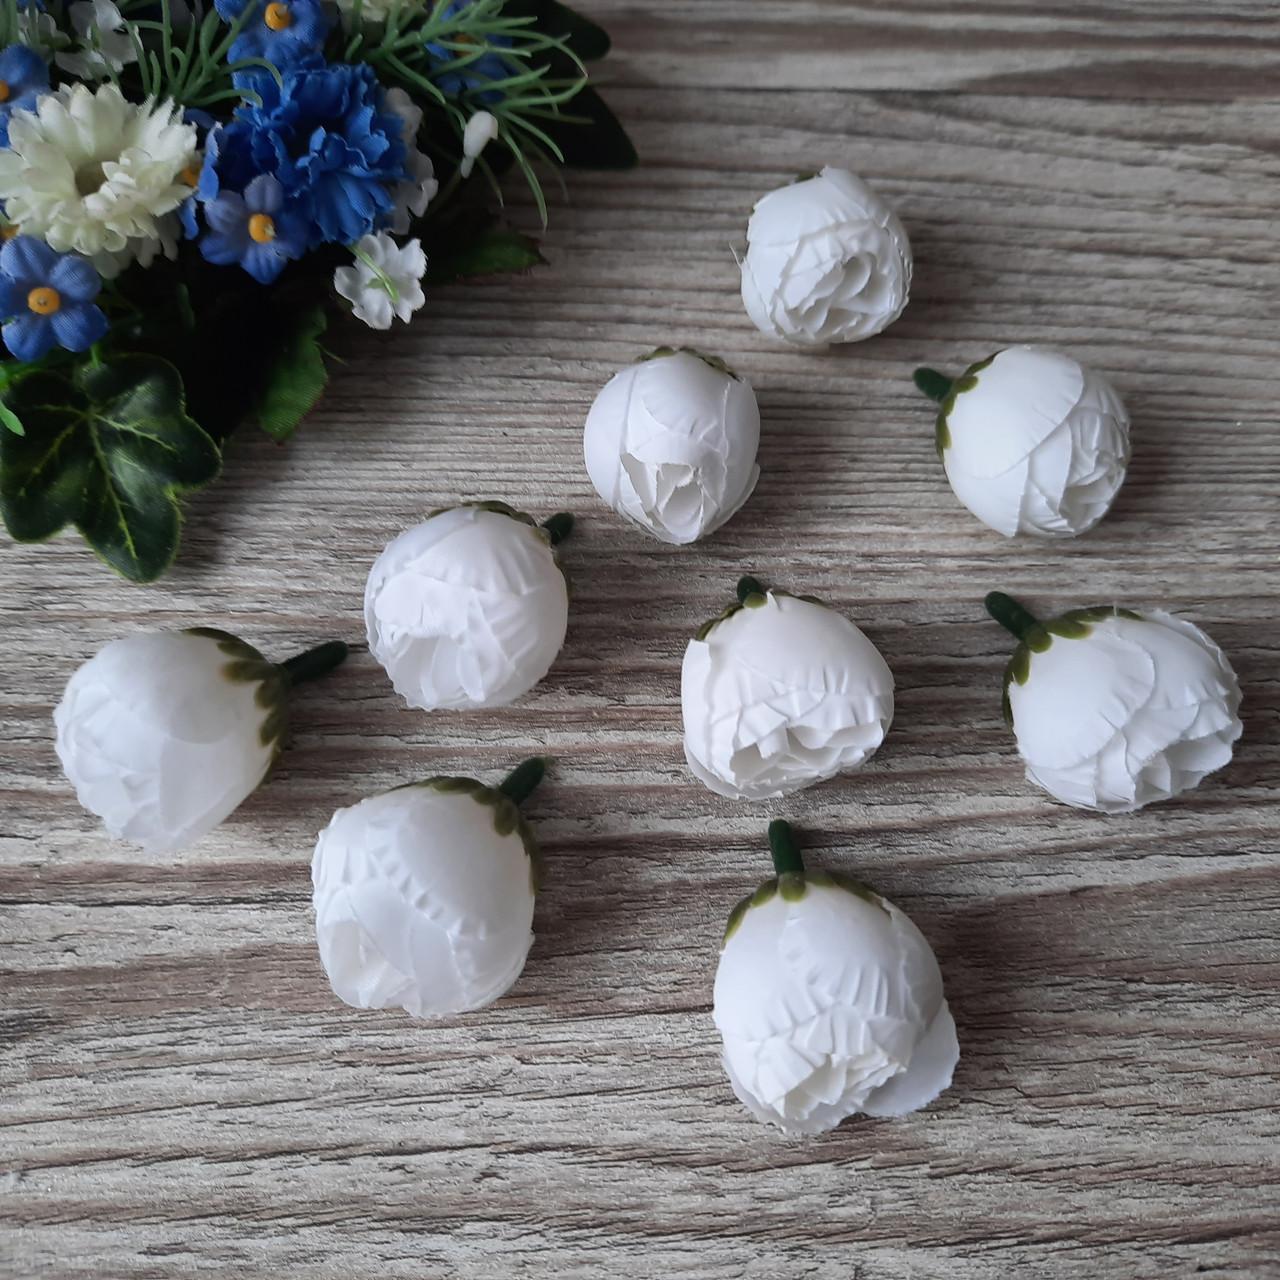 Пионы (рунюнкулюсы) из ткани белые, диаметр 3 см (40 грн - 10 шт.)